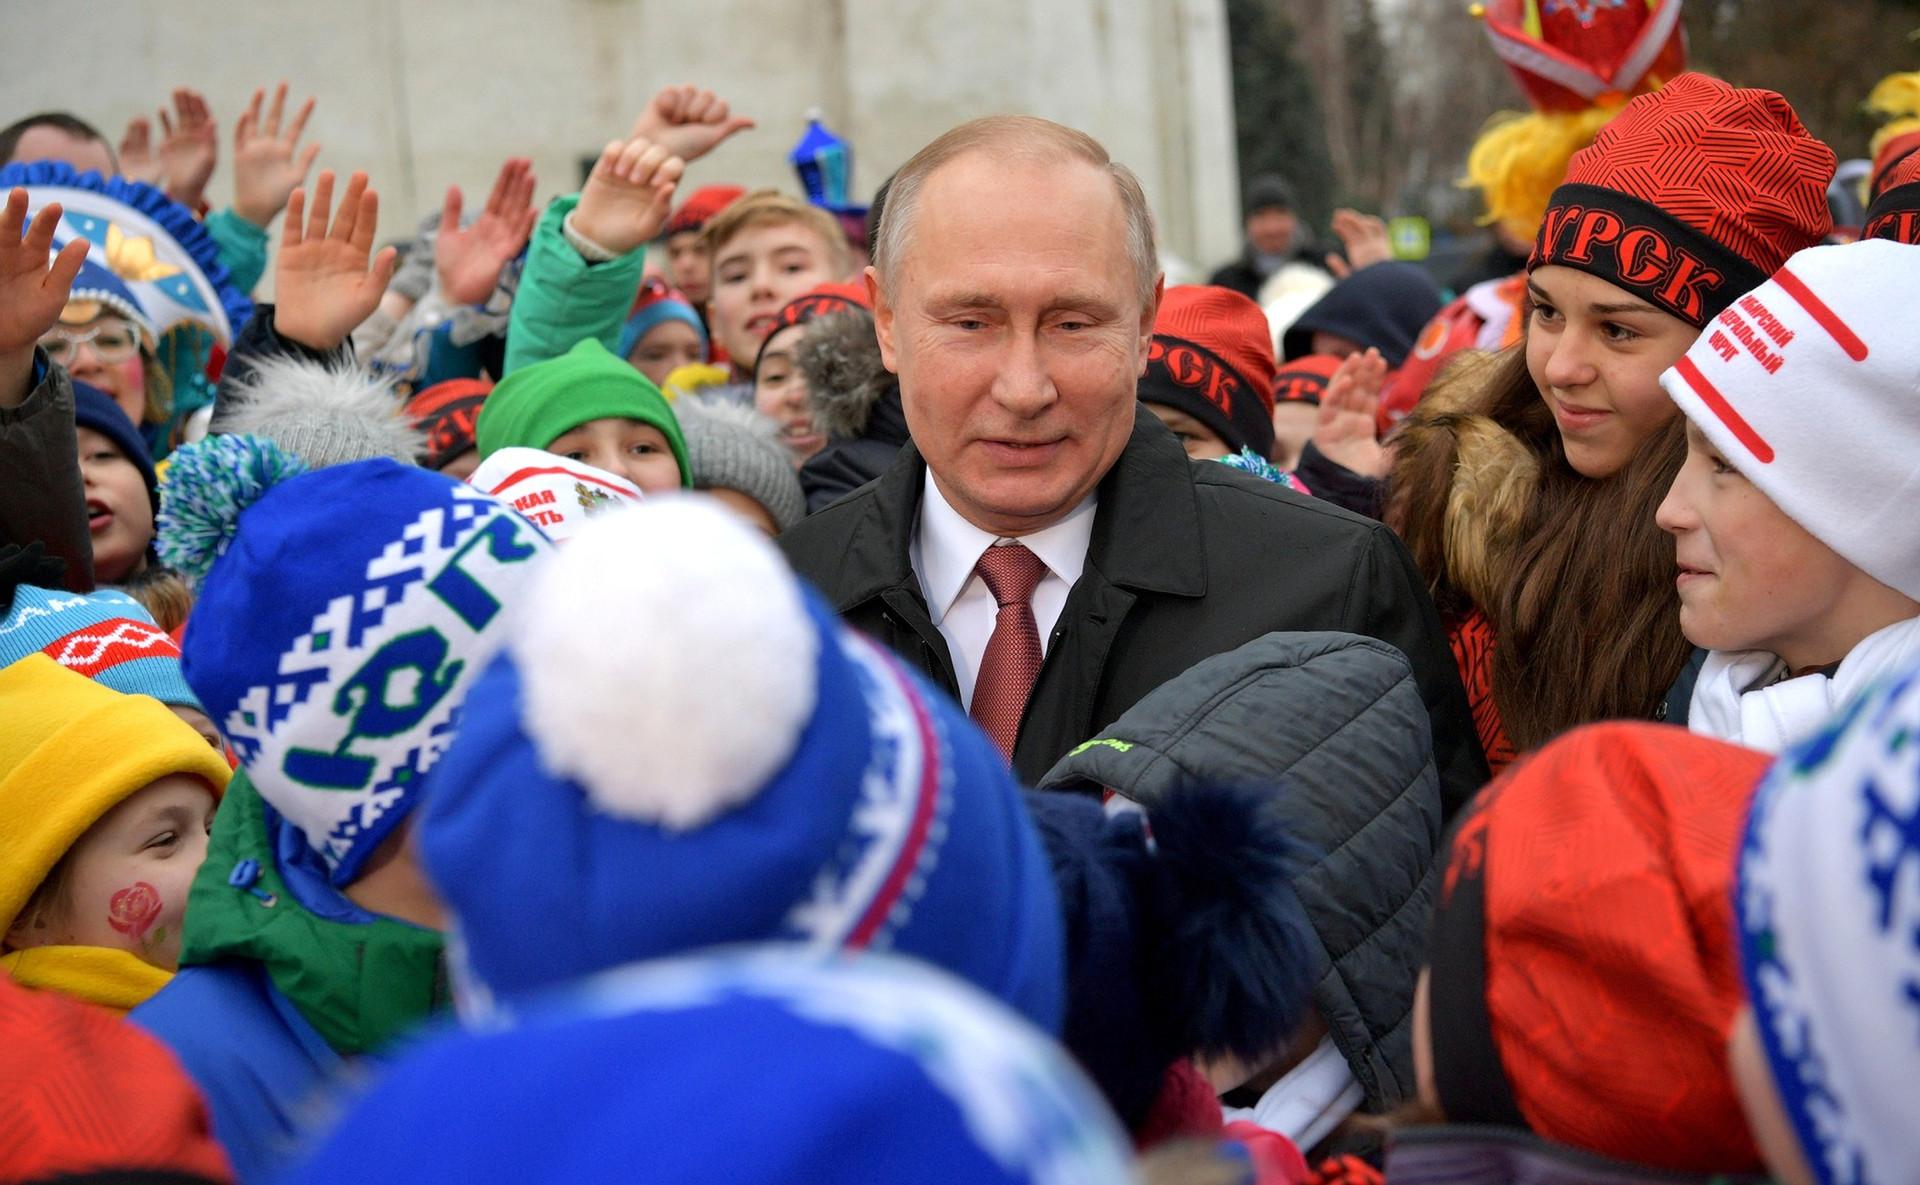 Presiden Rusia Vladimir Putin menyambut anak-anak pada pesta Tahun Baru di Lapangan Katedral, Kremlin, Moskow, 26 Desember 2017.